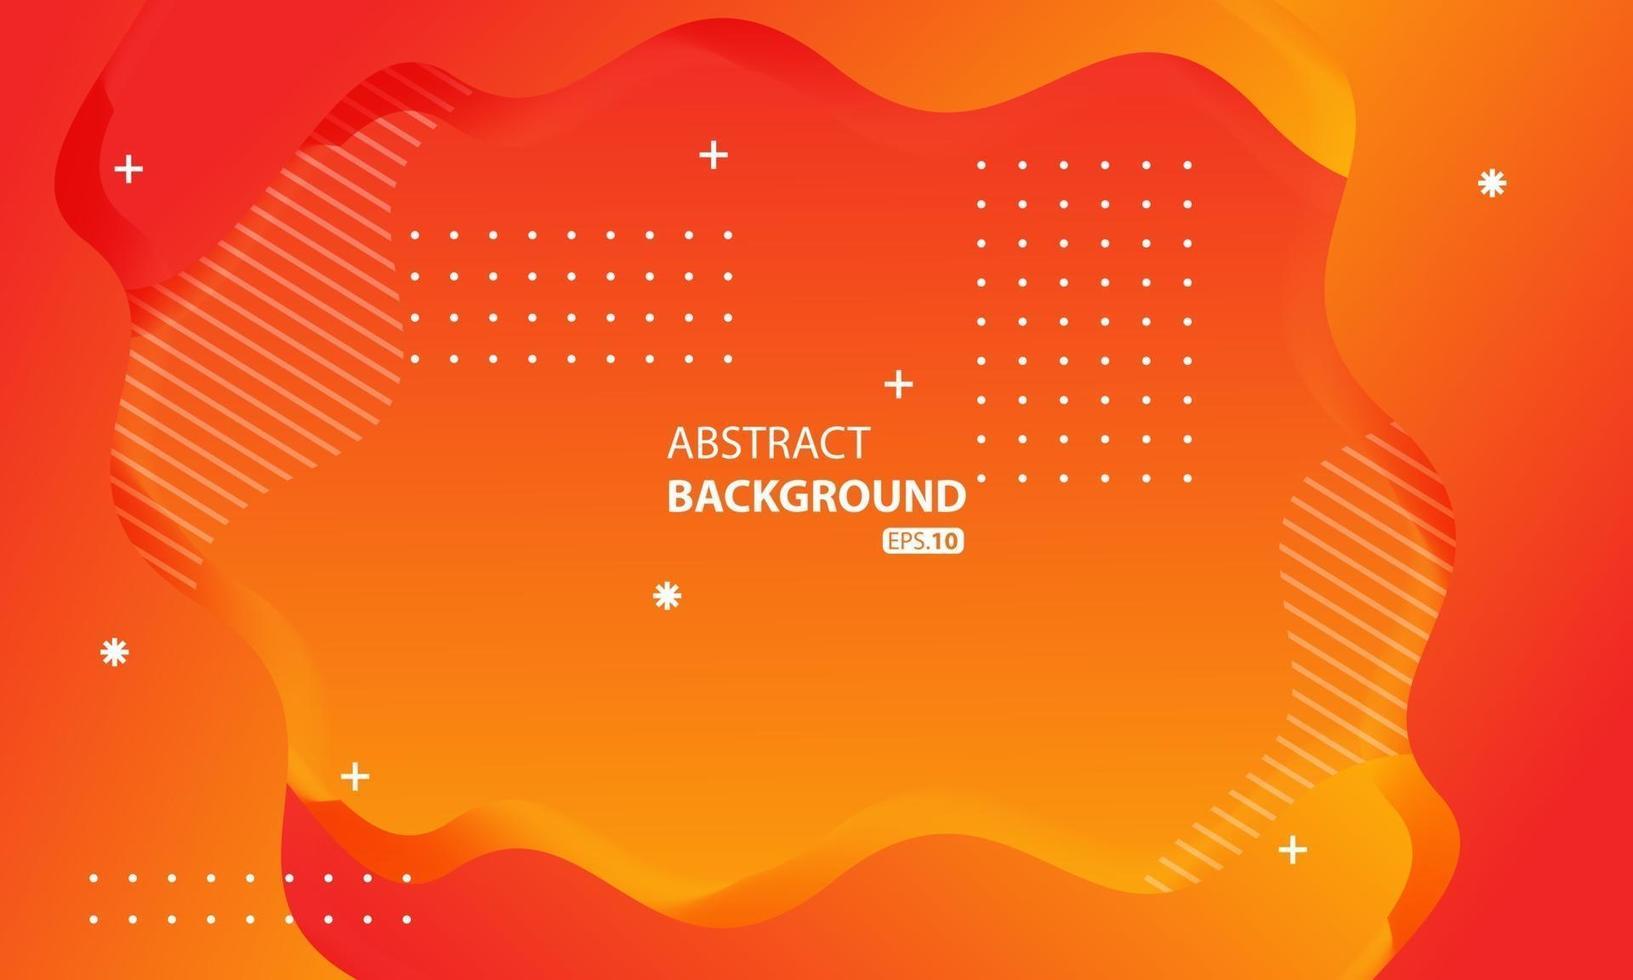 abstrakte orange flüssige Farbe Hintergrund.welliger geometrischer Hintergrund.dynamisch strukturiertes geometrisches Elementdesign. vektor